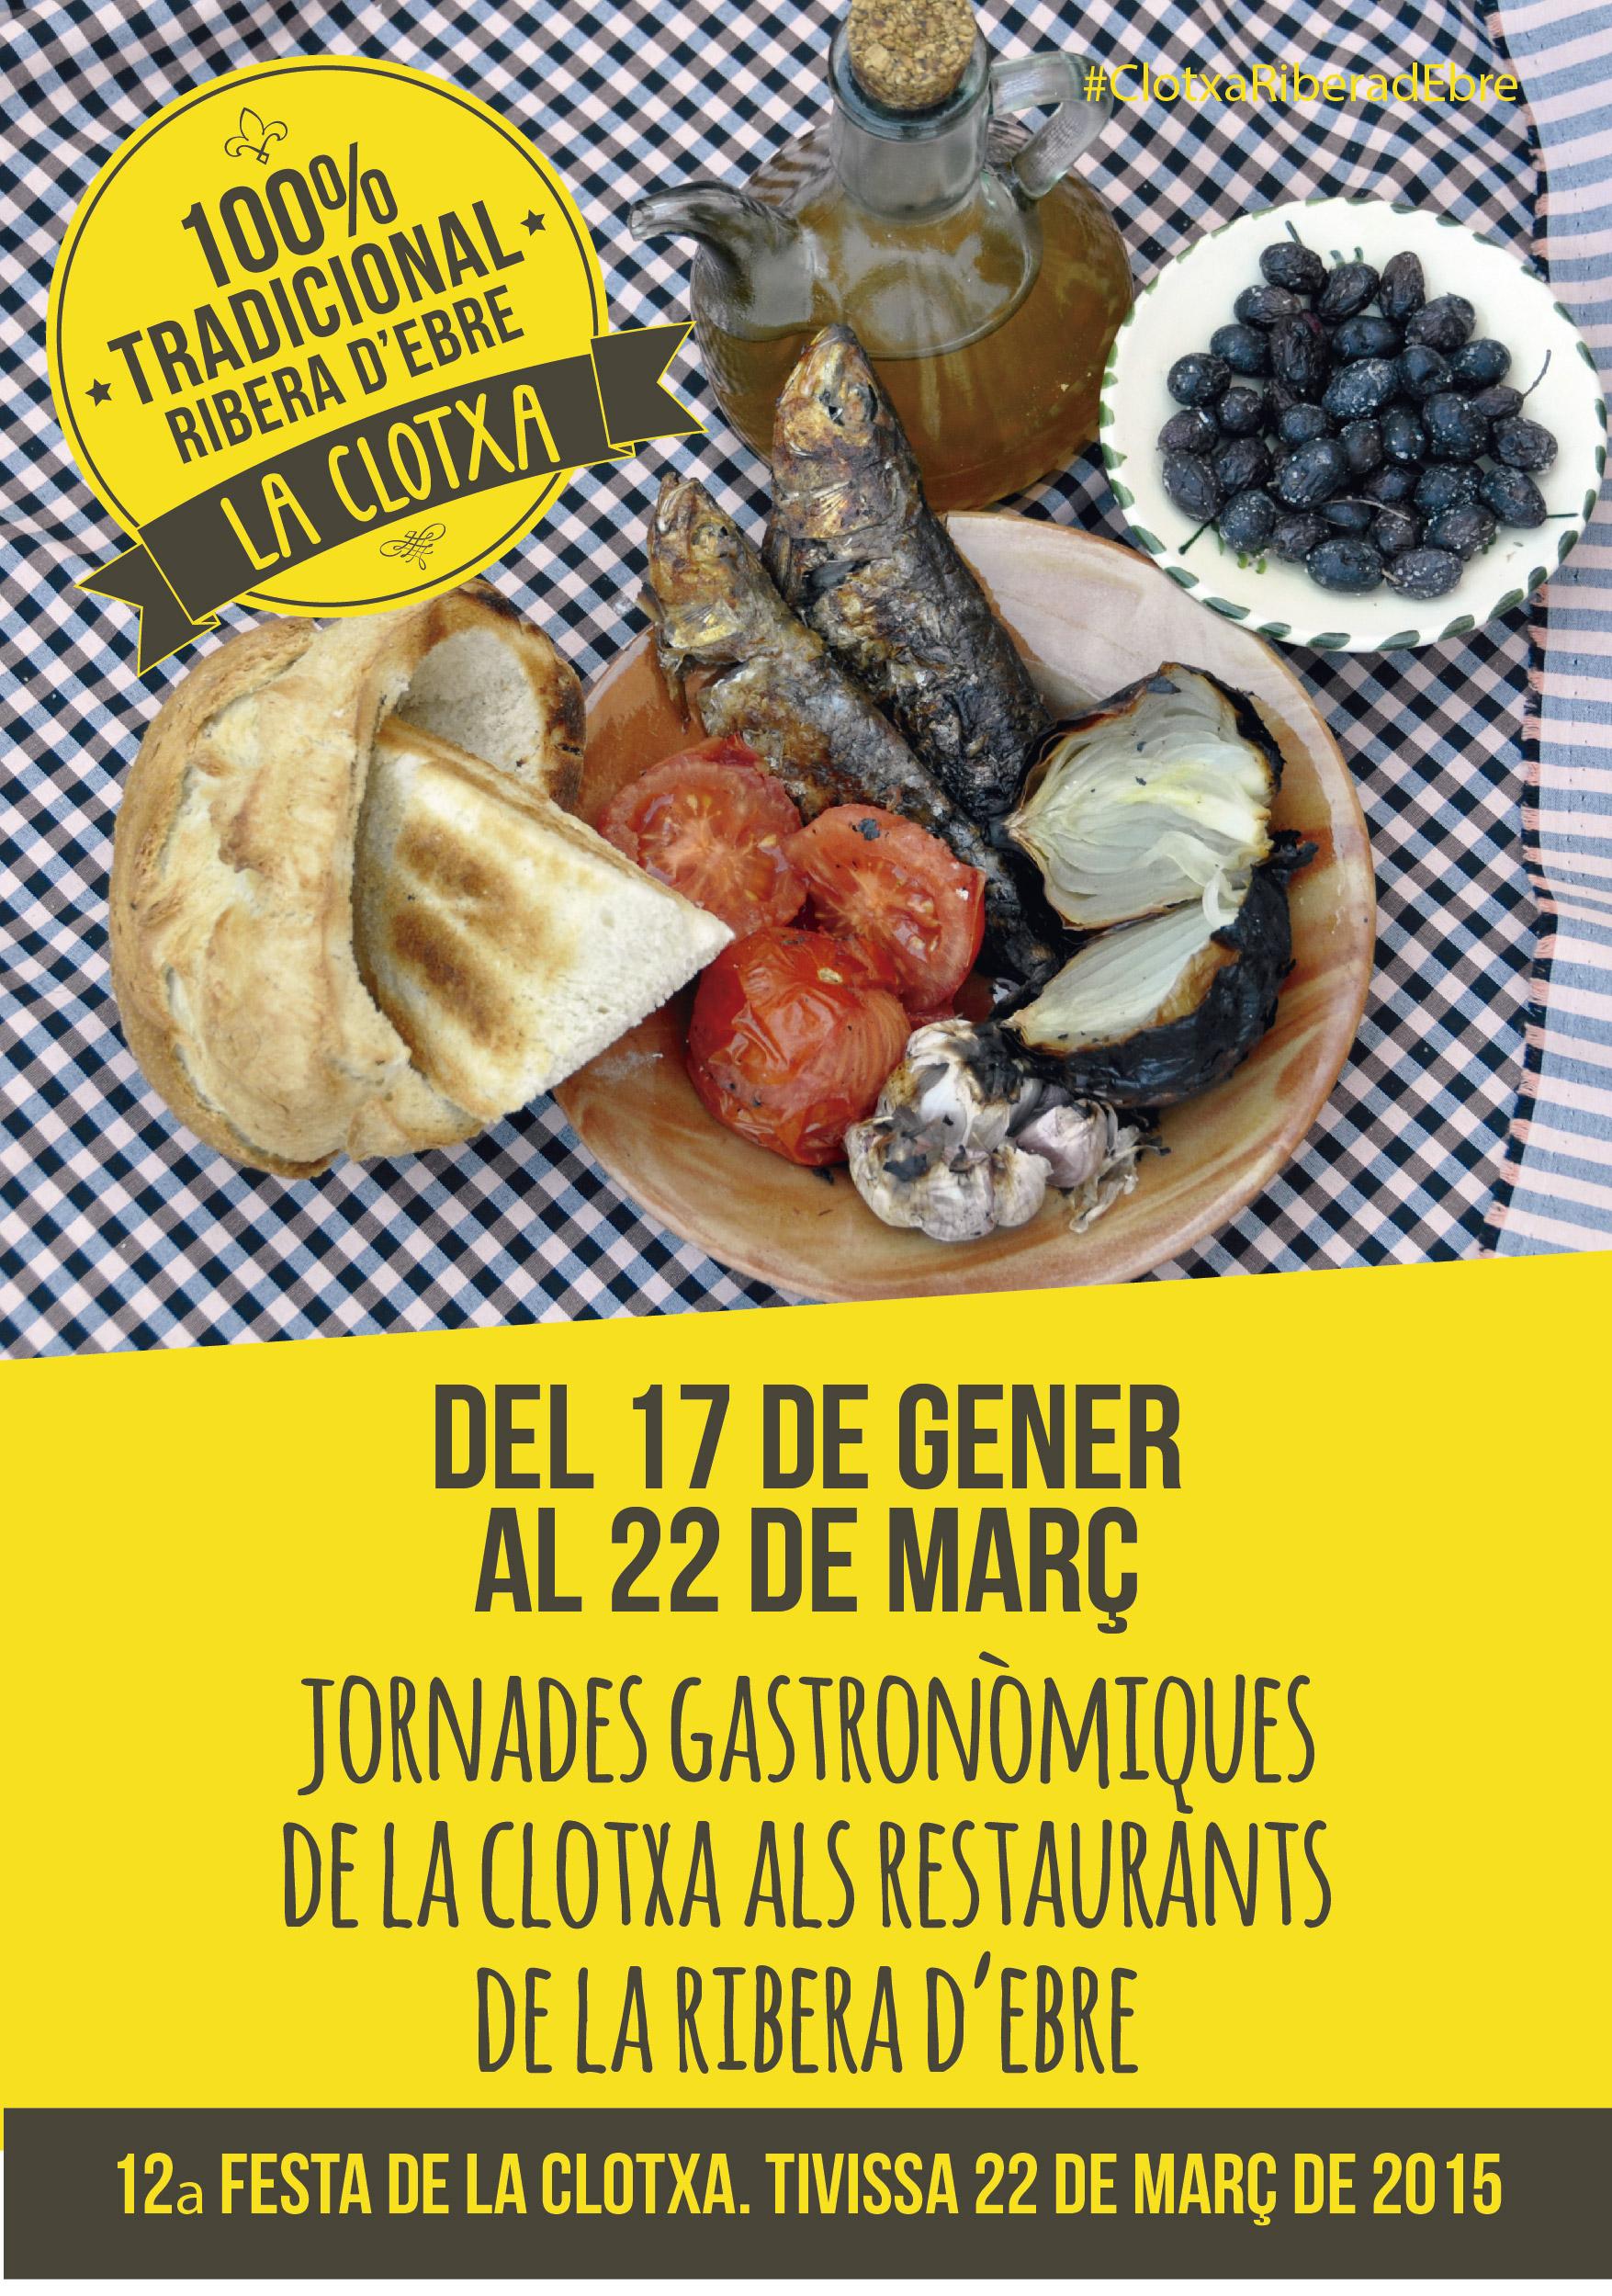 cartell jornades gastronomiques clotxa ribera ebre 2015-01